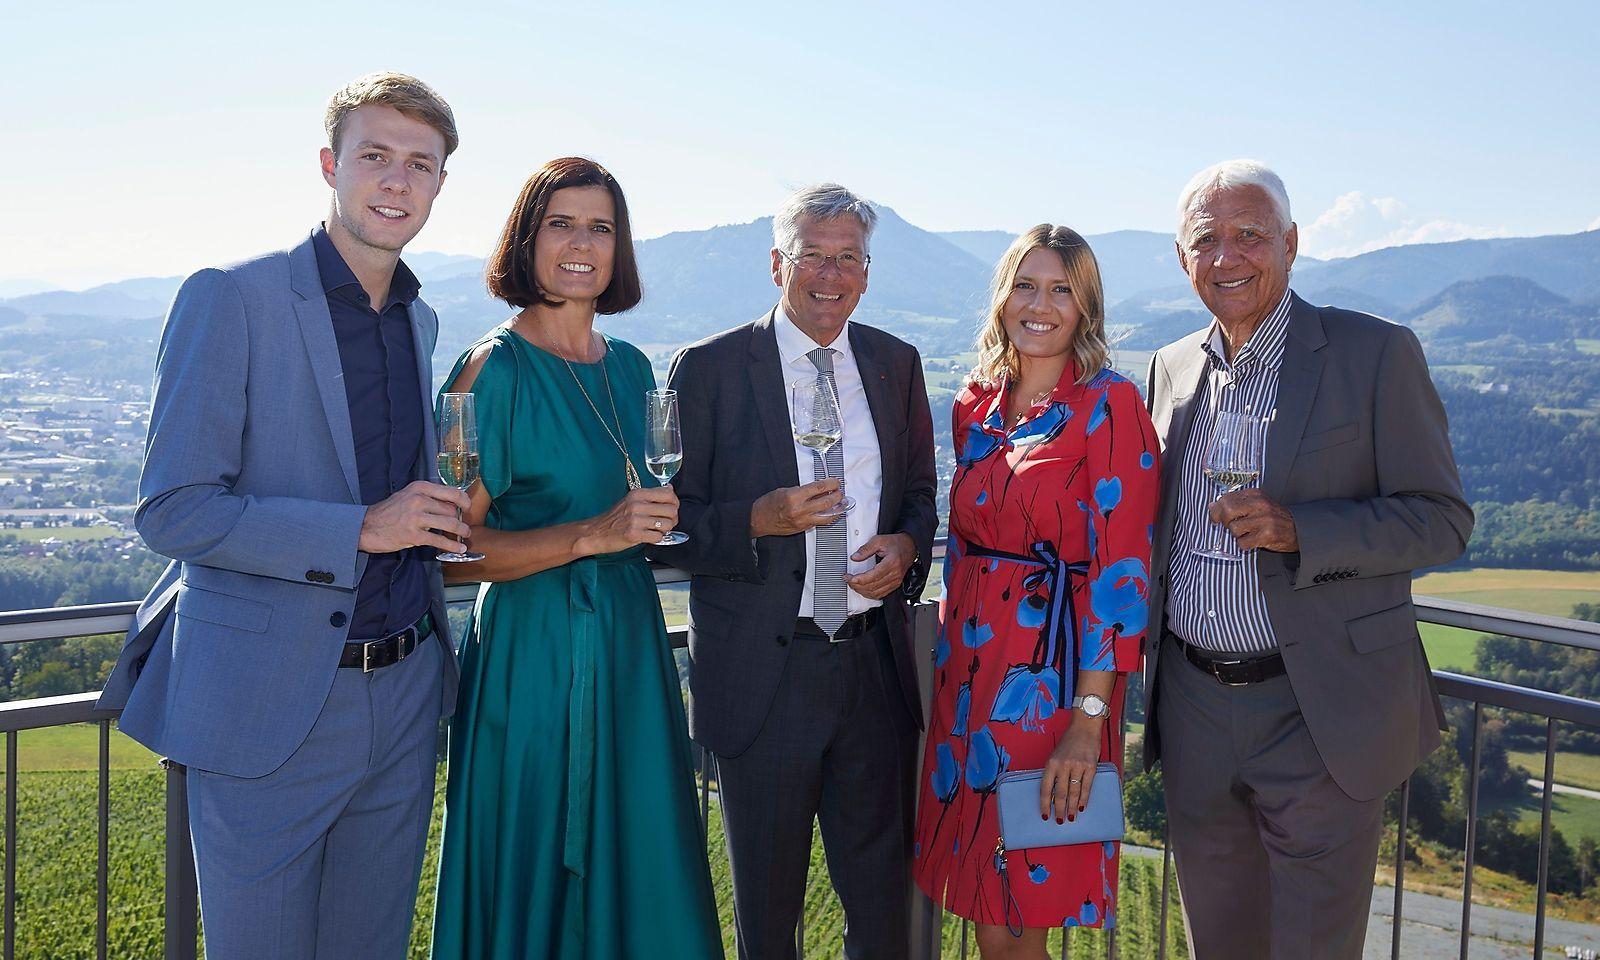 Feiern mit dem Jacques Lemans-Gründer: Weinlese auf der Burgruine Taggenbrunn [premium]